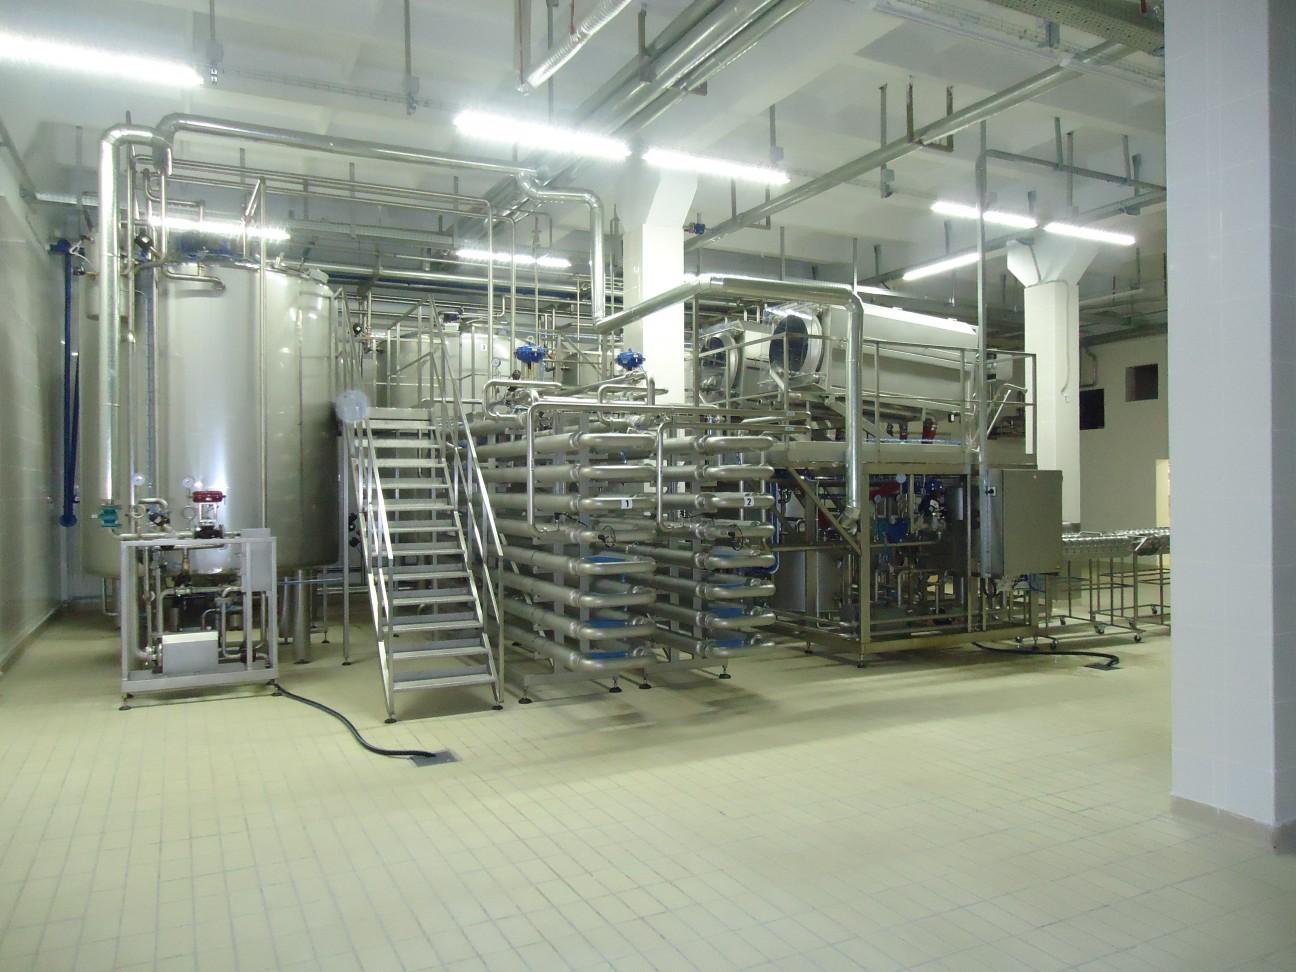 Oprema podjetja Protemol v mlekarni v Belgorodu.